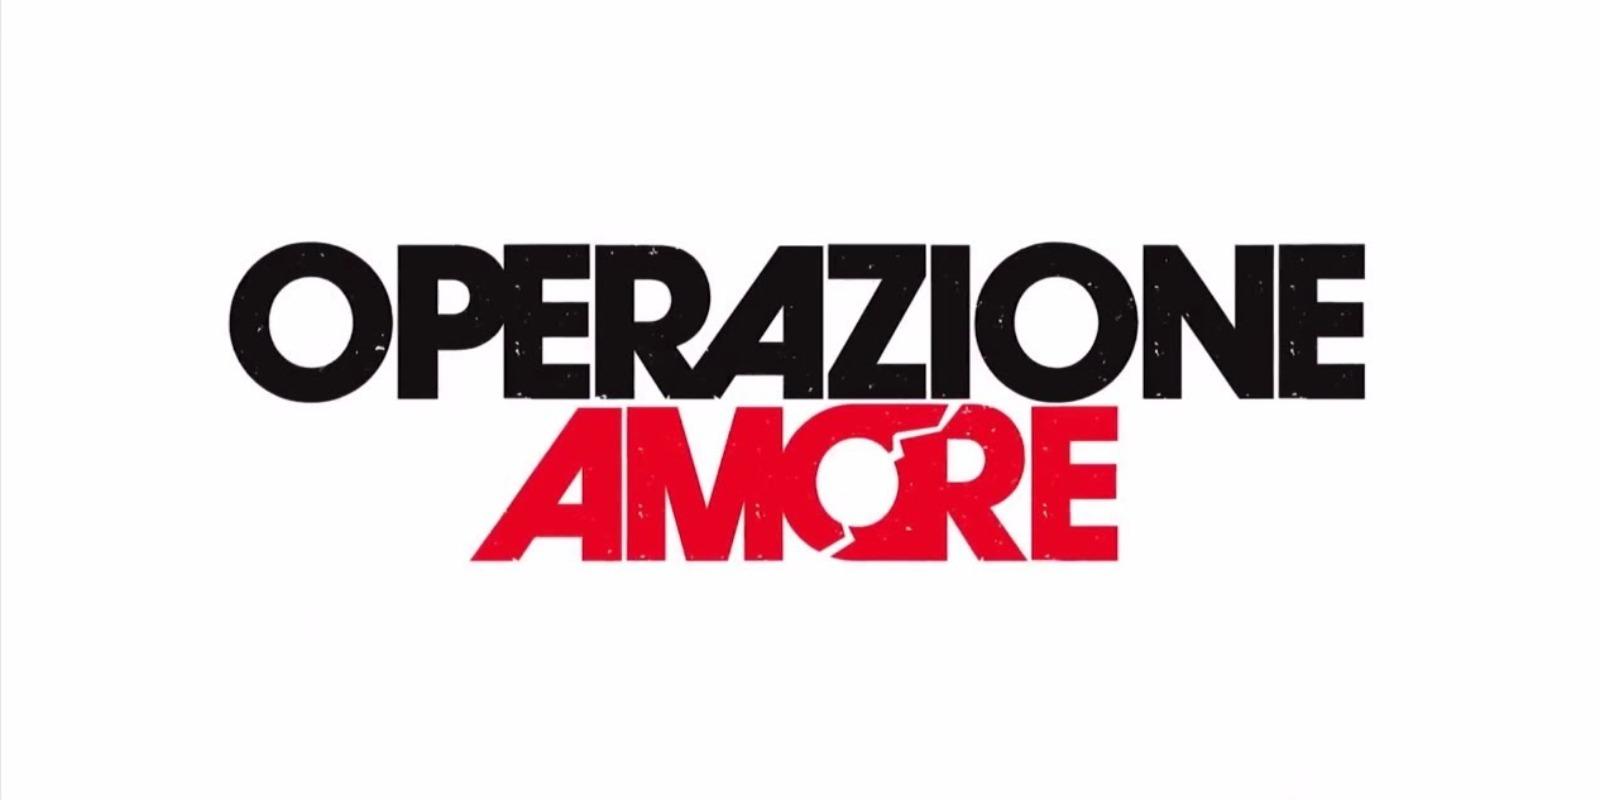 operazione amore 2 serie tv netflix